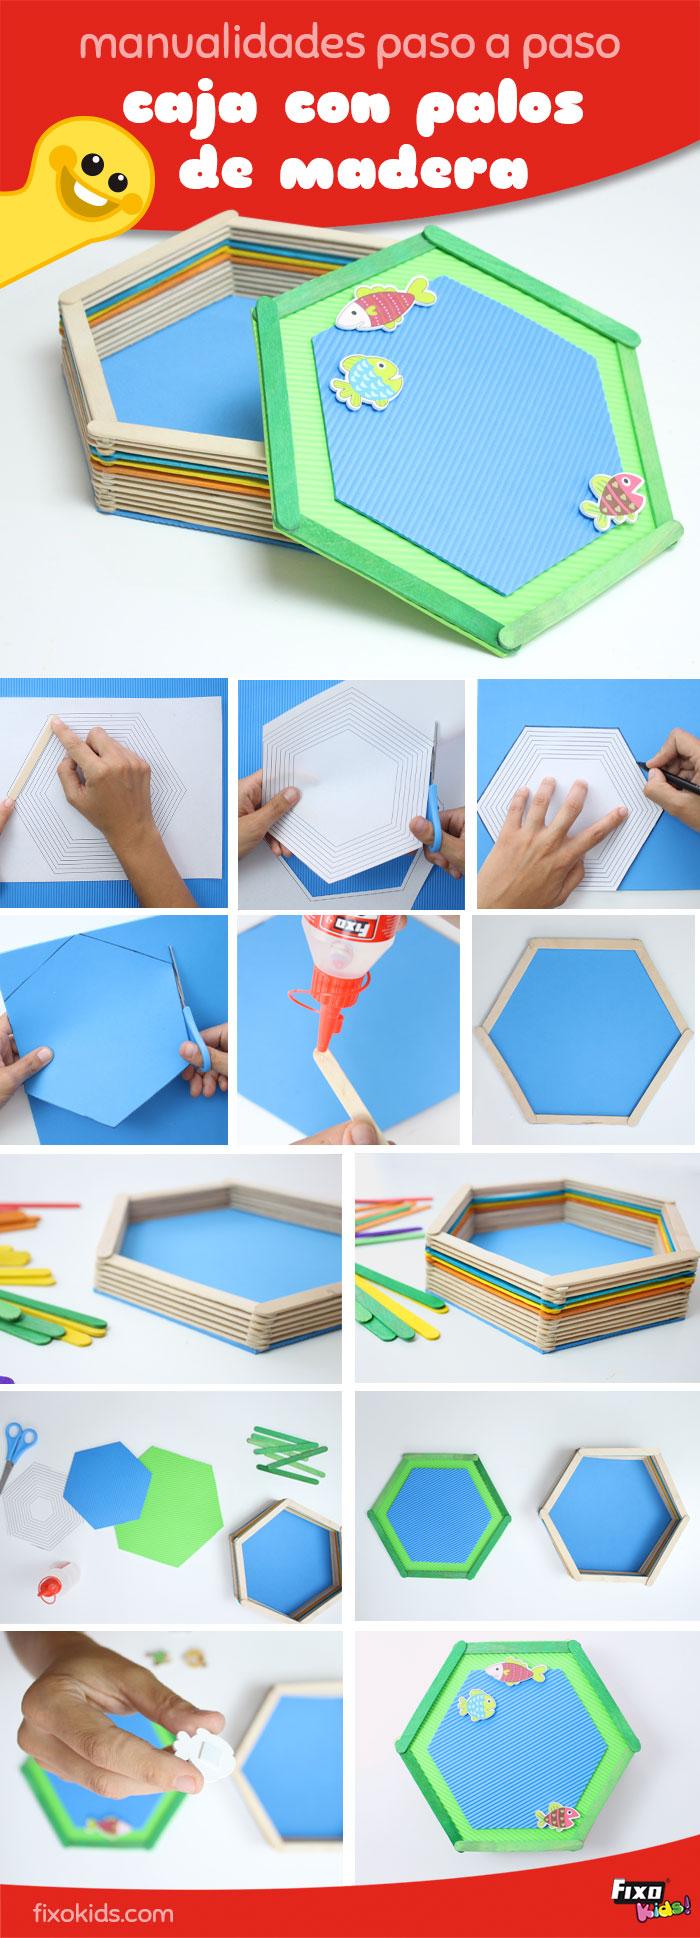 ideas-manualidades-para-ninos-caja-palos-de-helado